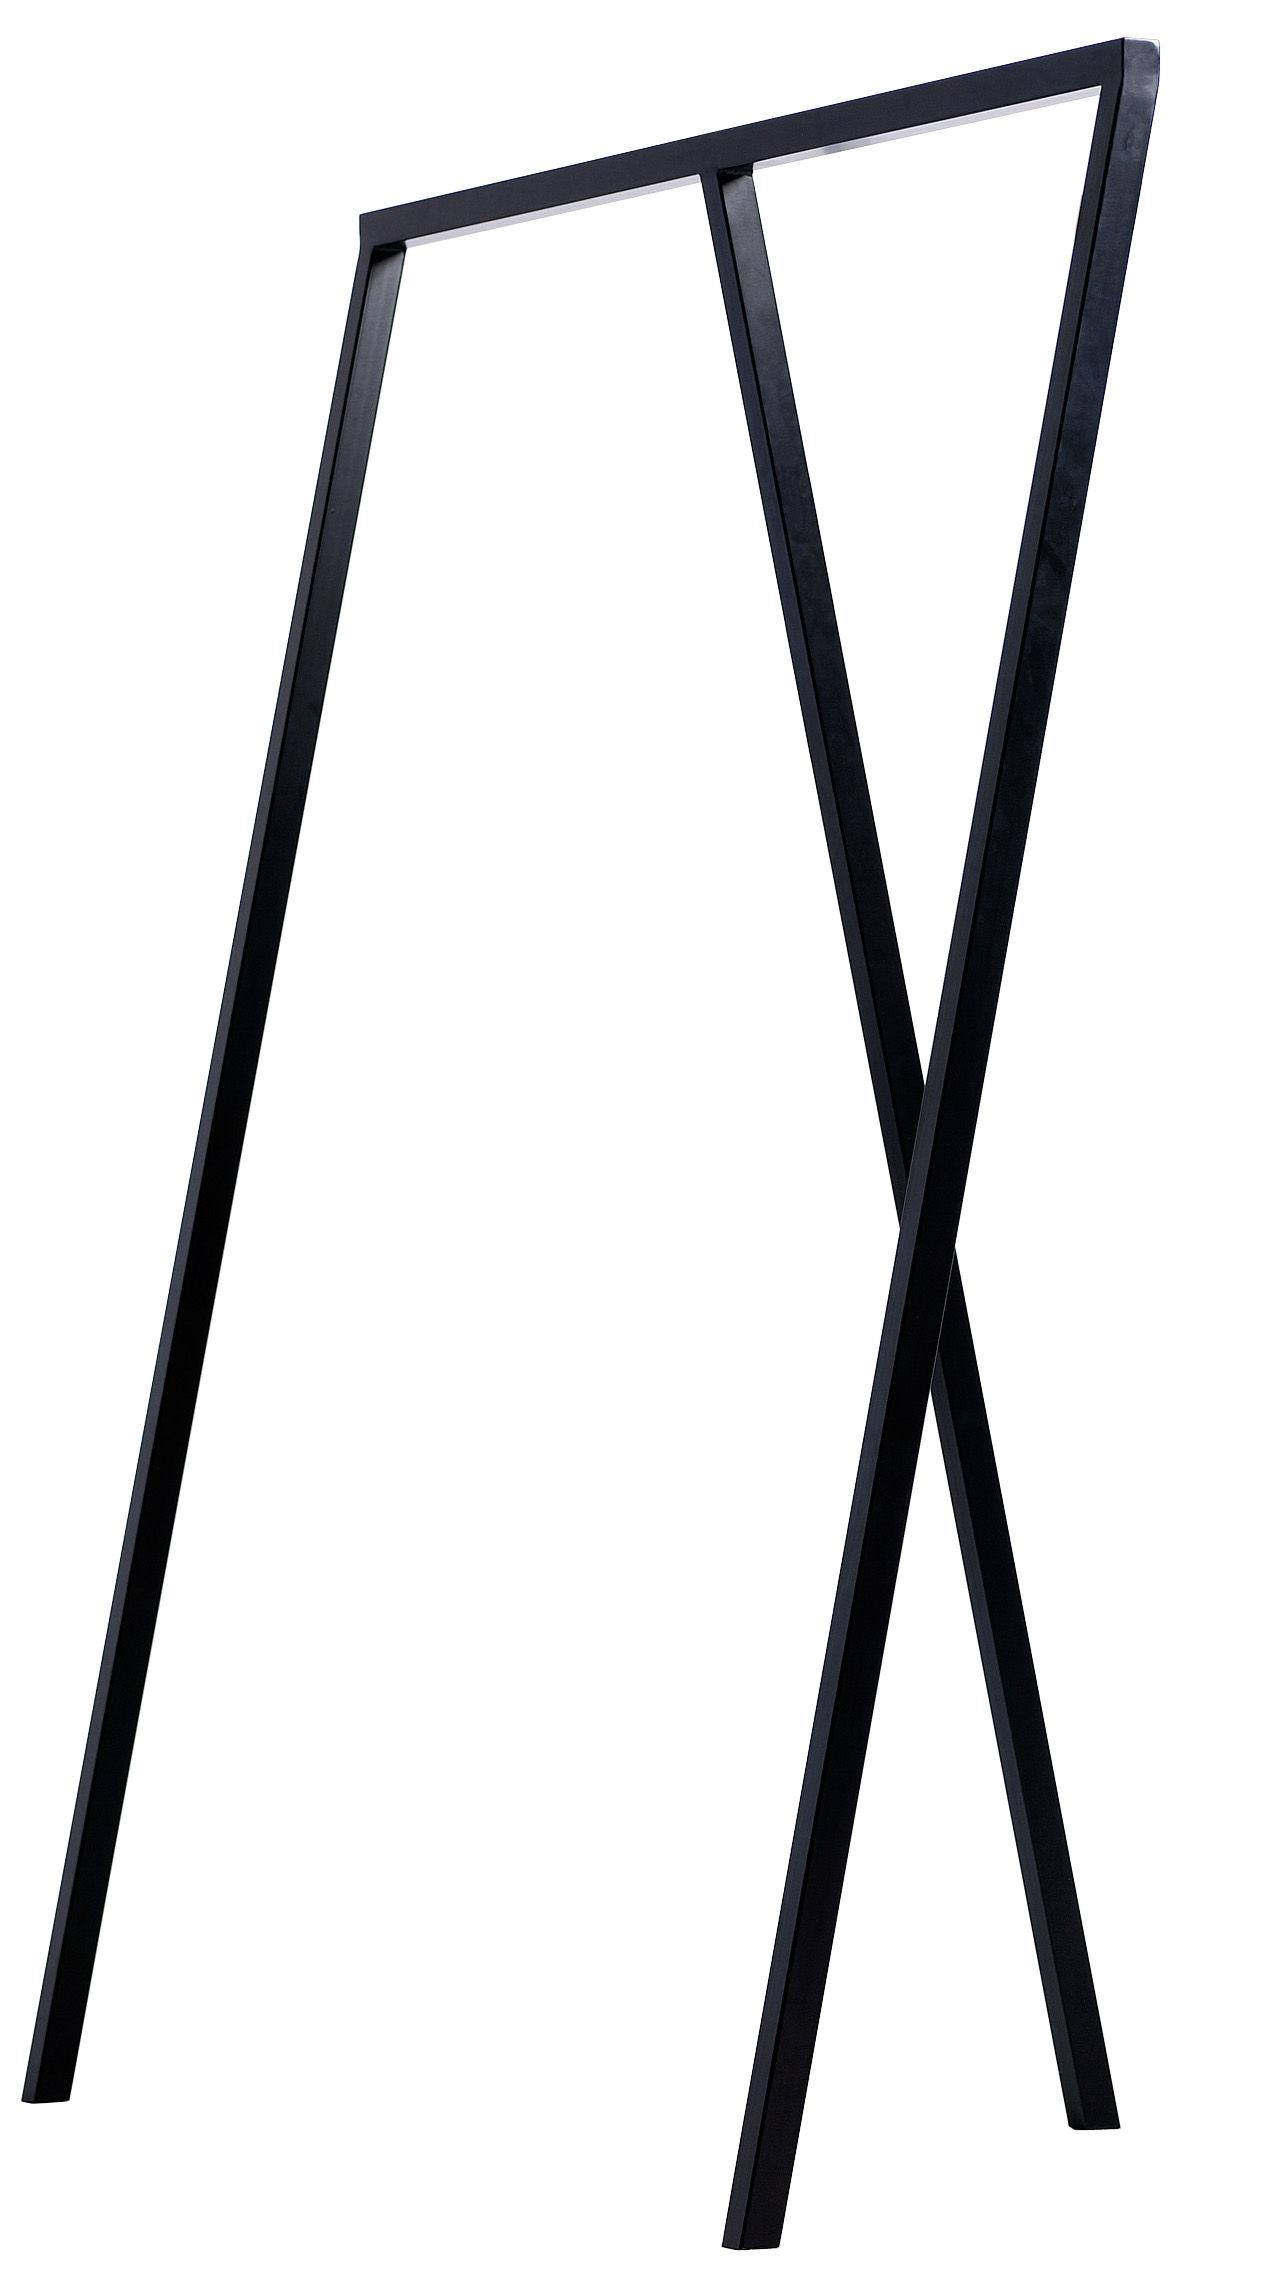 Arredamento - Appendiabiti  - Appendiabiti Loop / L 130 cm - Hay - Nero - Acciaio laccato